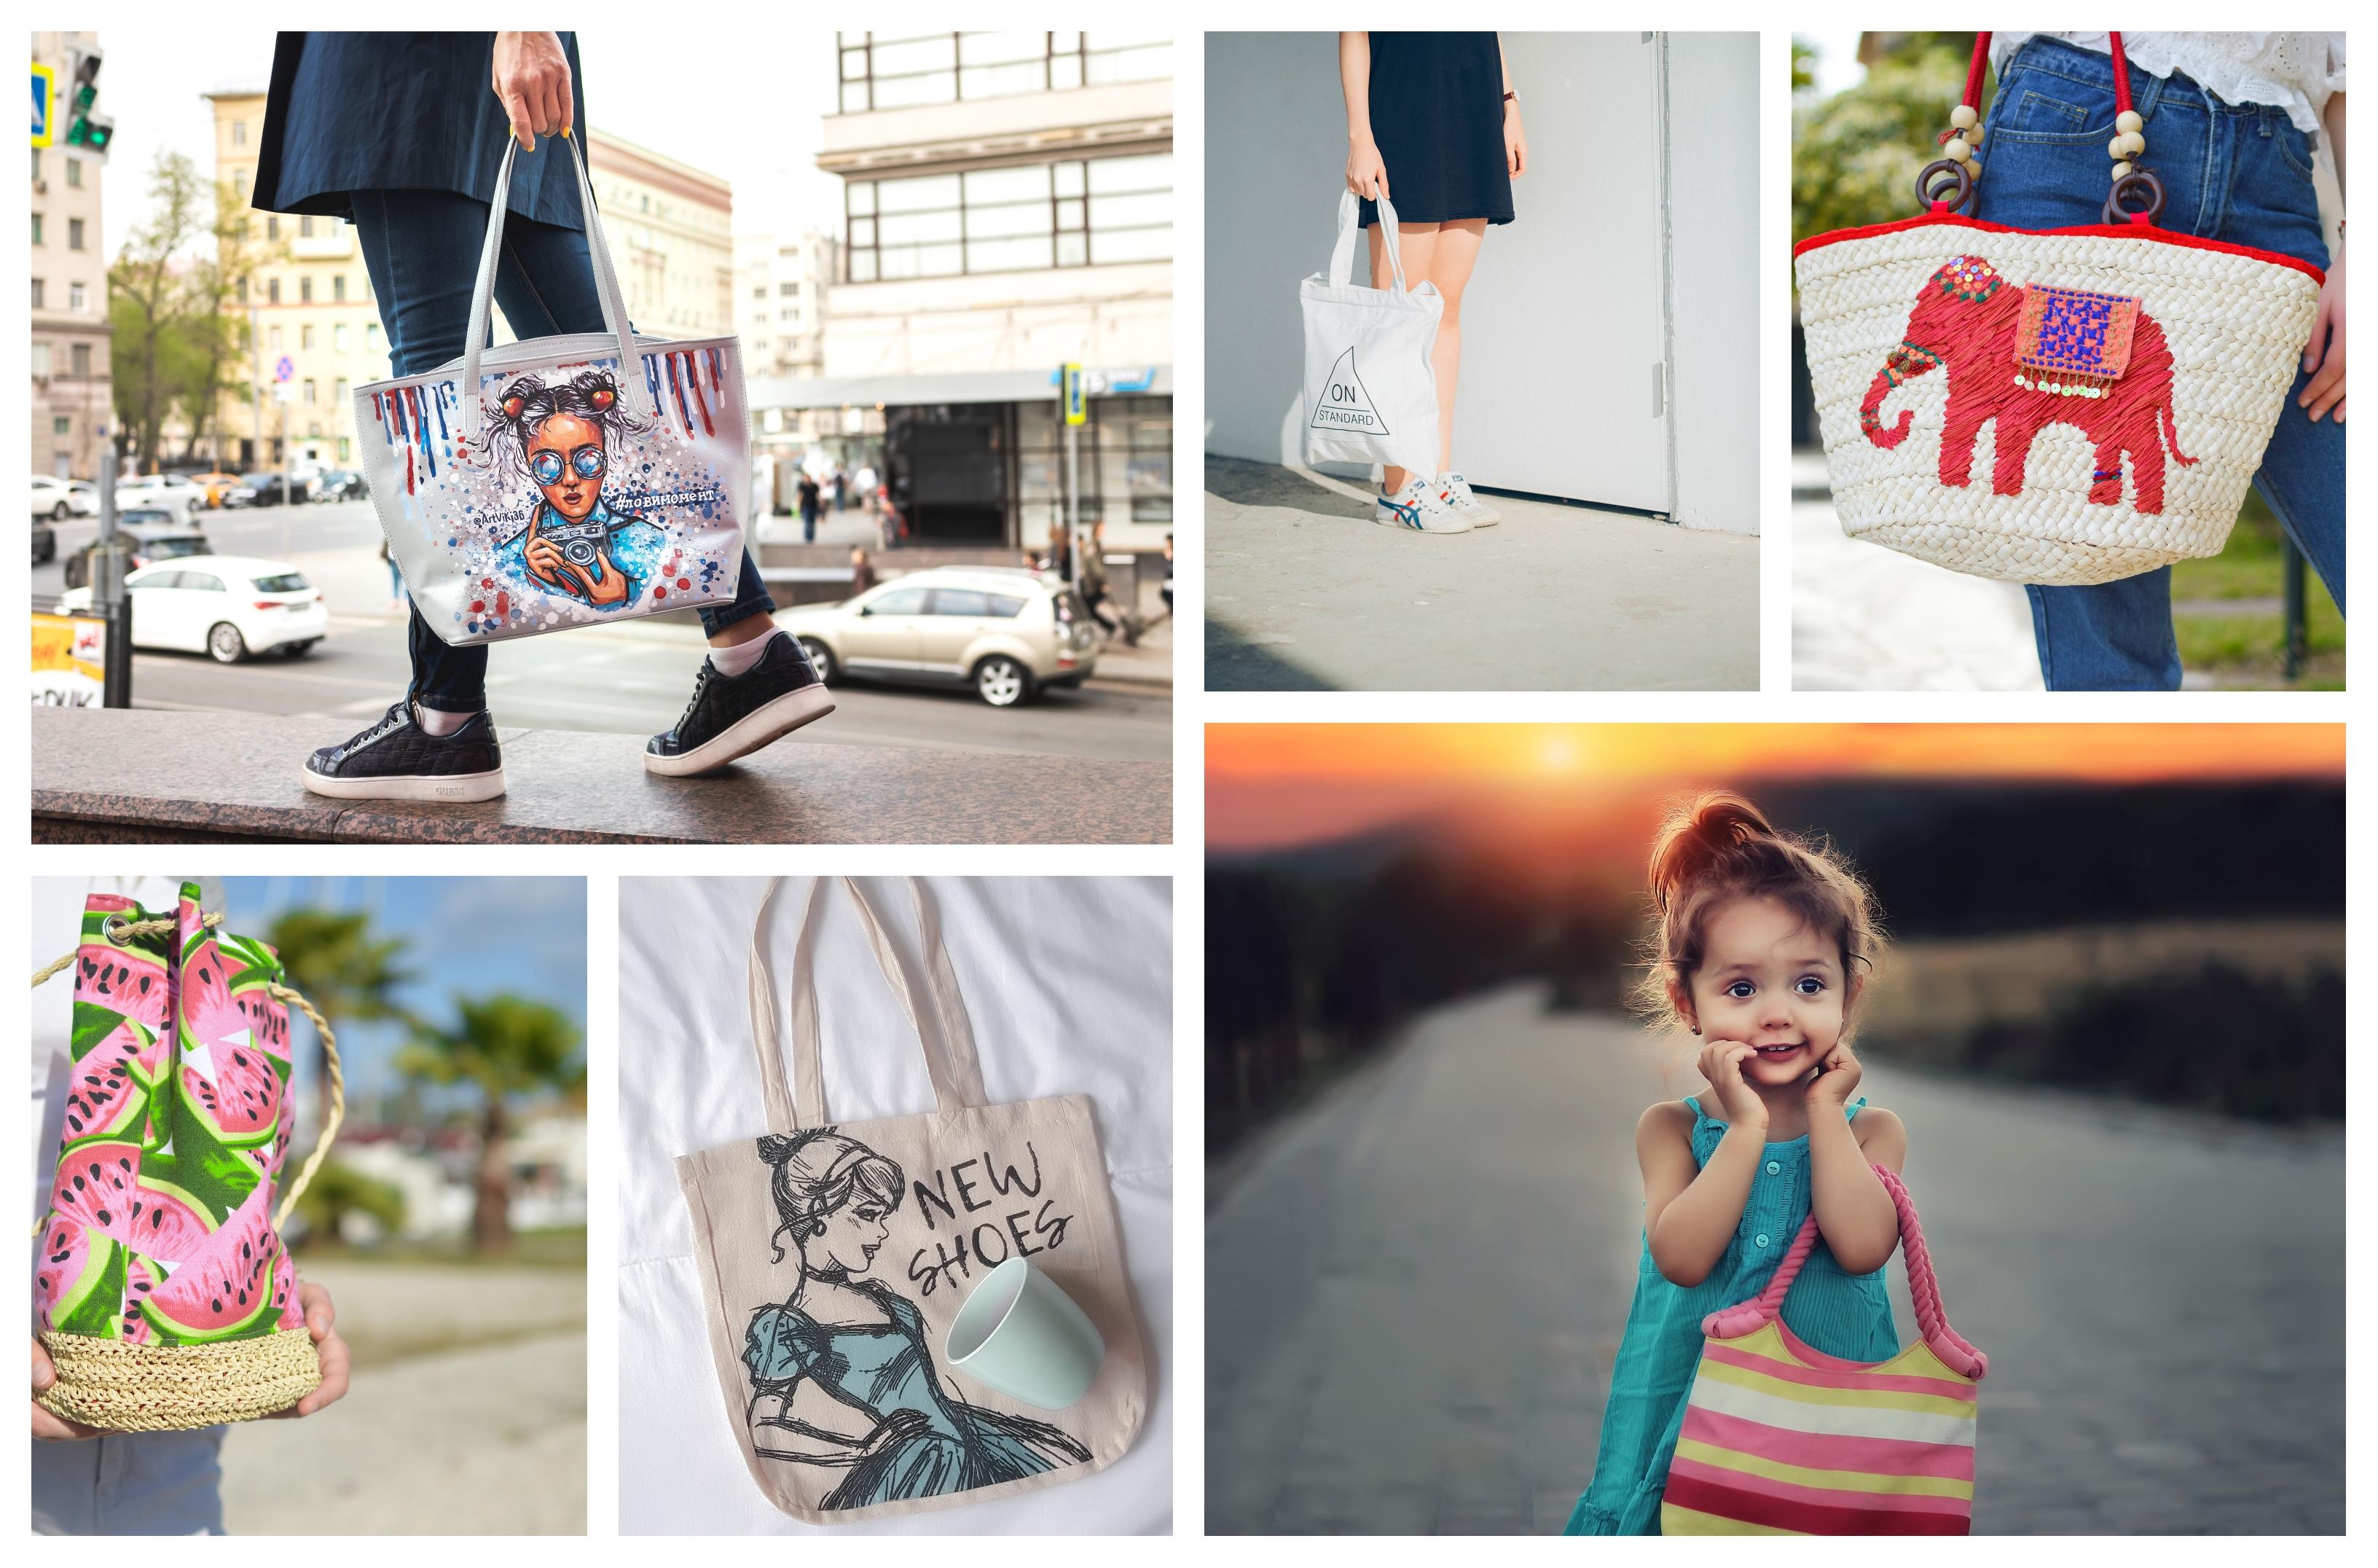 Les plus beaux modèles de sacs en tissu à faire soi-même, idée projet diy facile, dessiner une fille coloré ou des pastèques, petite fille avec sac rayé rose et jaune